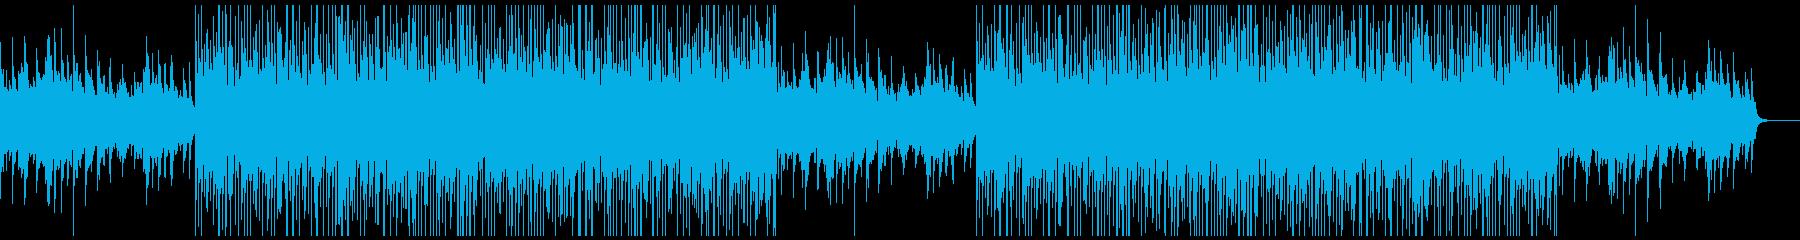 トラックメーカー風切ないピアノBGMの再生済みの波形